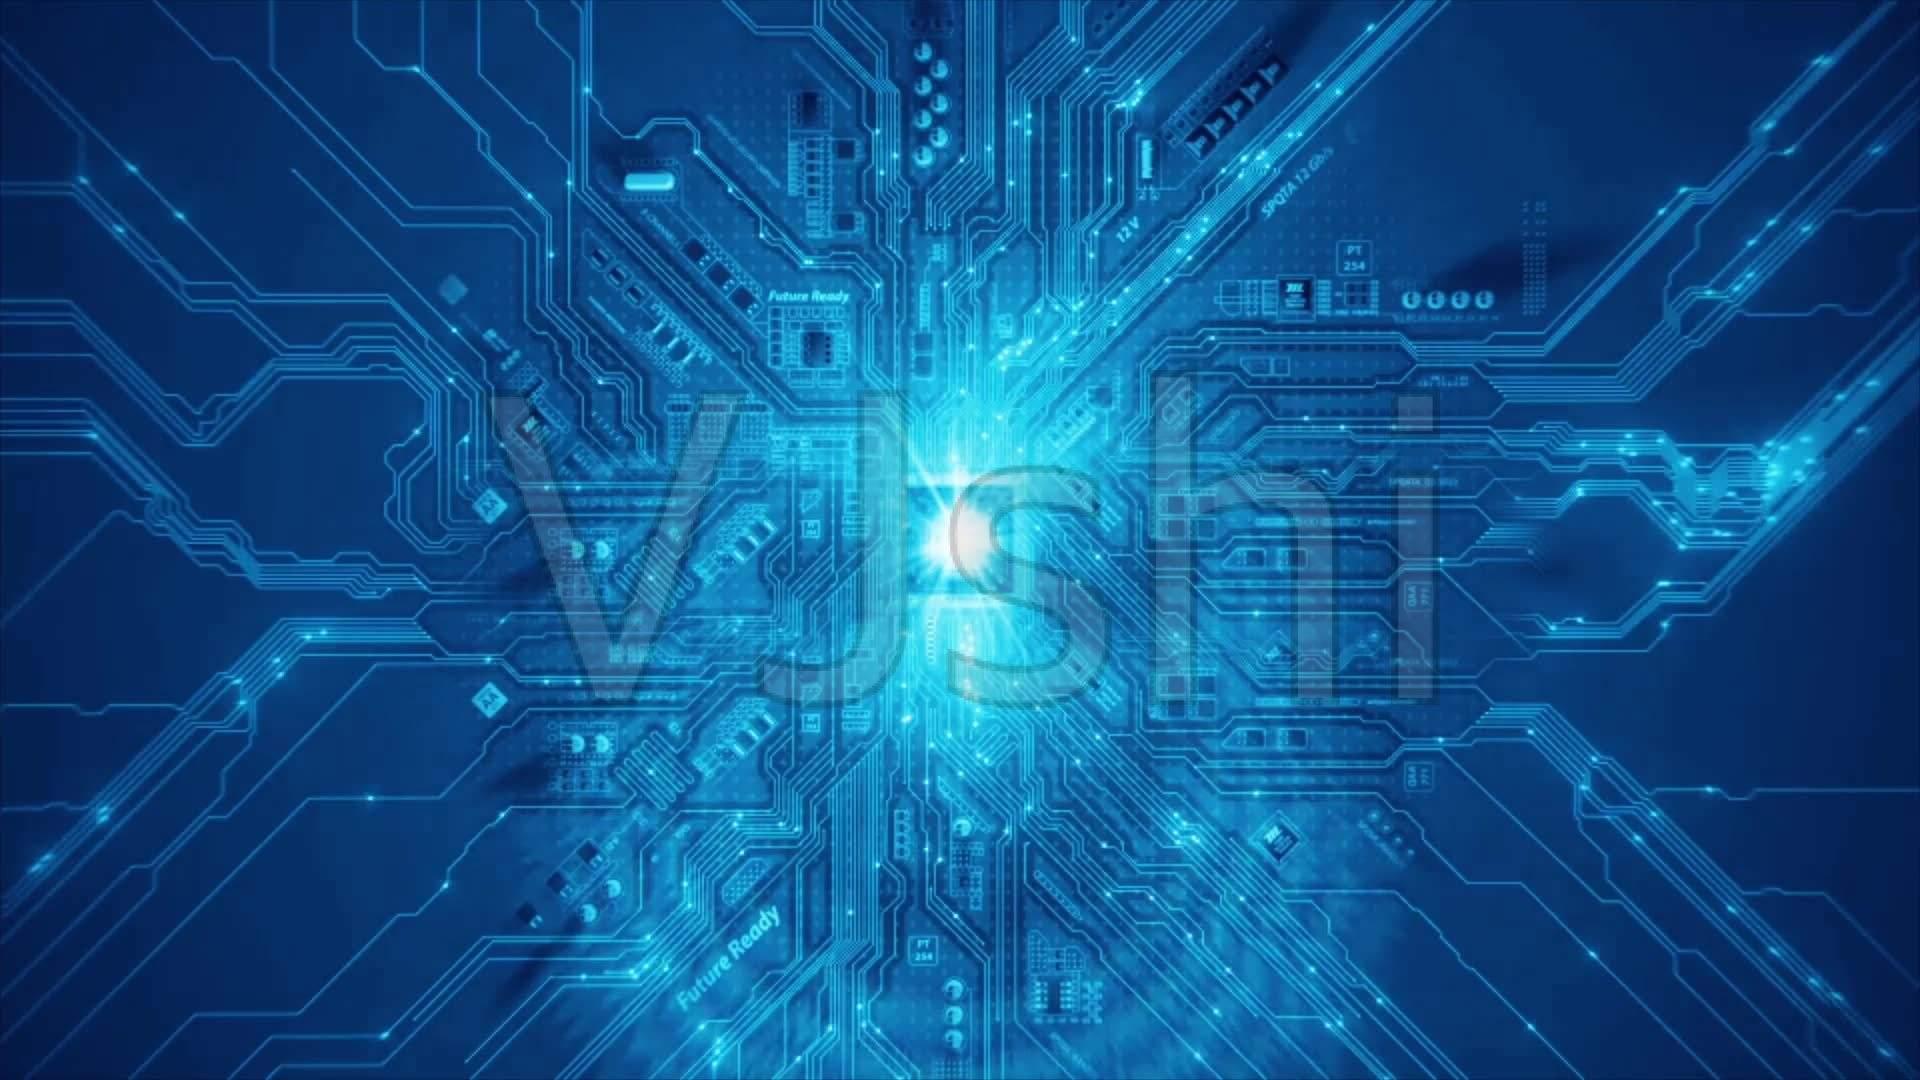 一种采用低泄漏和高成品率聚合物电介质的低压印刷全聚合物集成电路方法